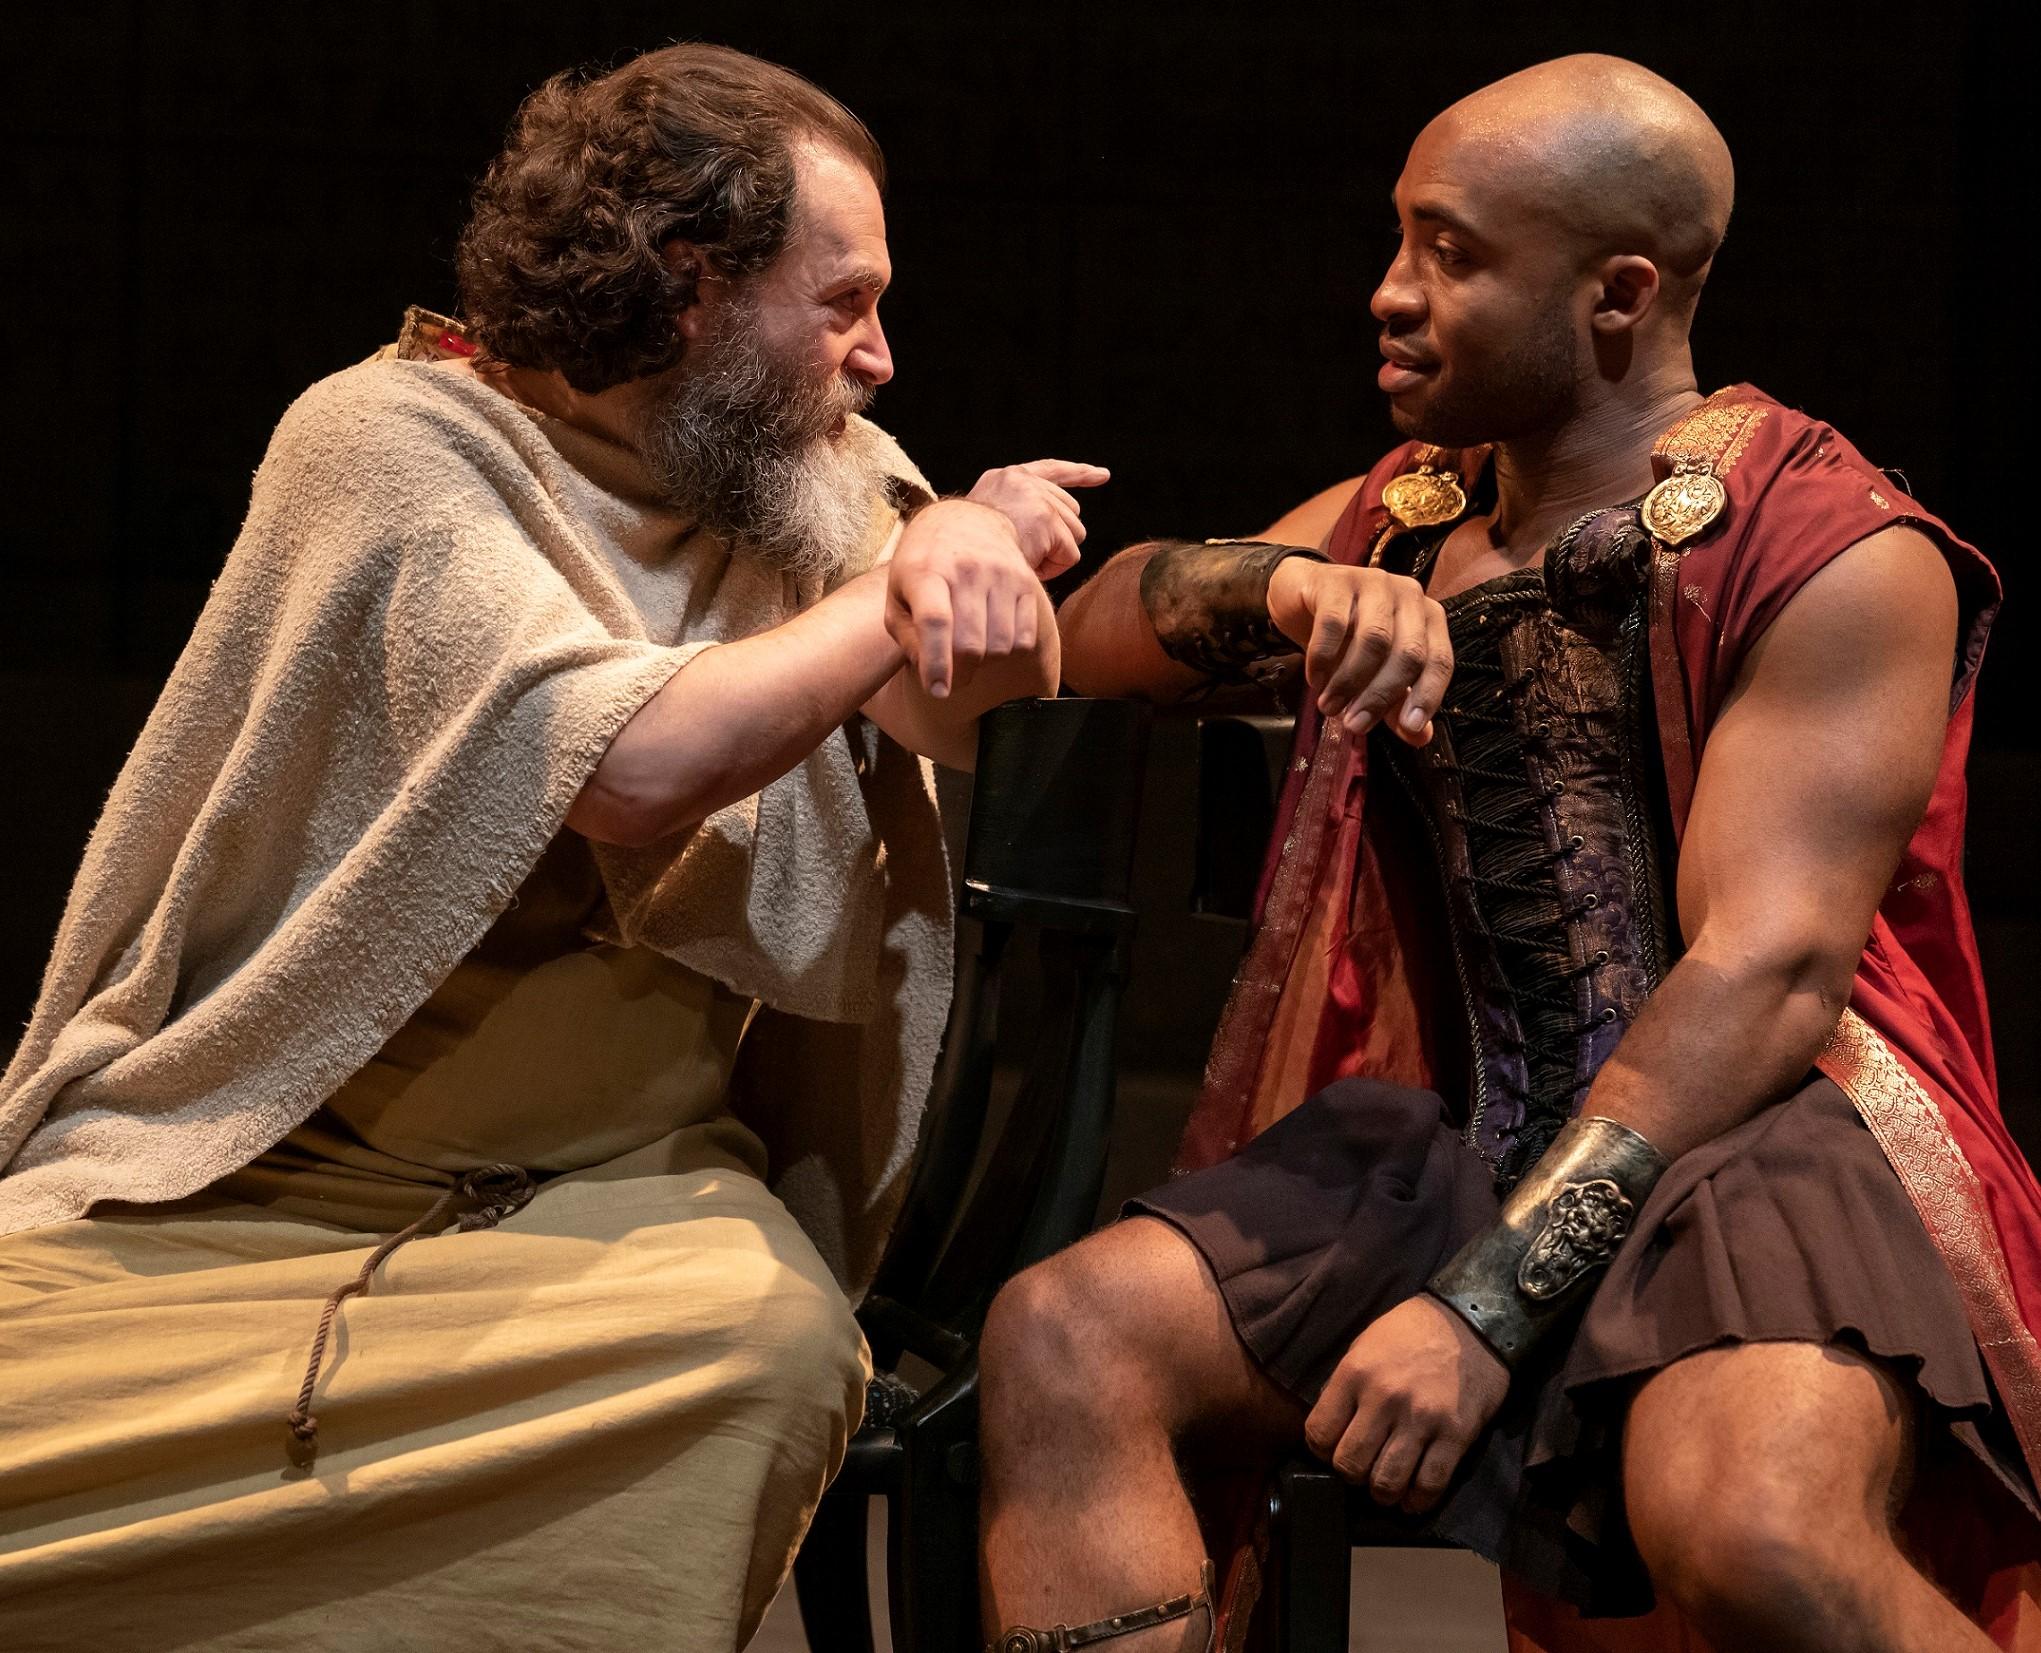 Stuhlbarg with Austin Smith as Alcibiades. Photographs by Joan Marcus.